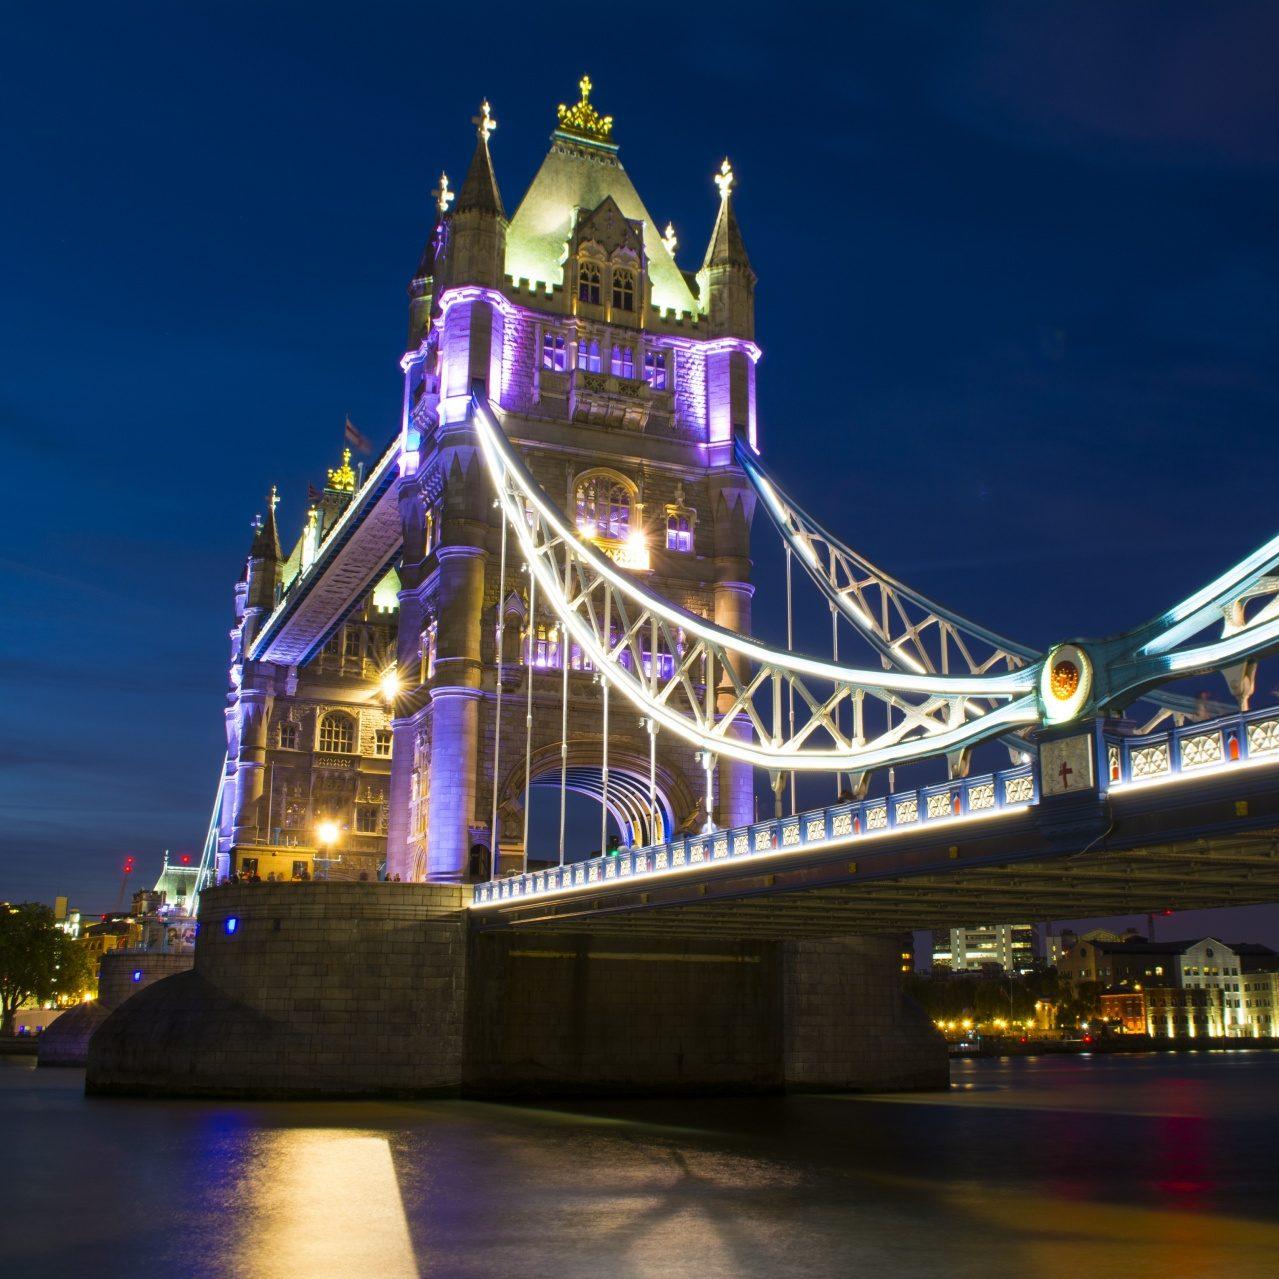 tower-bridge-night-view